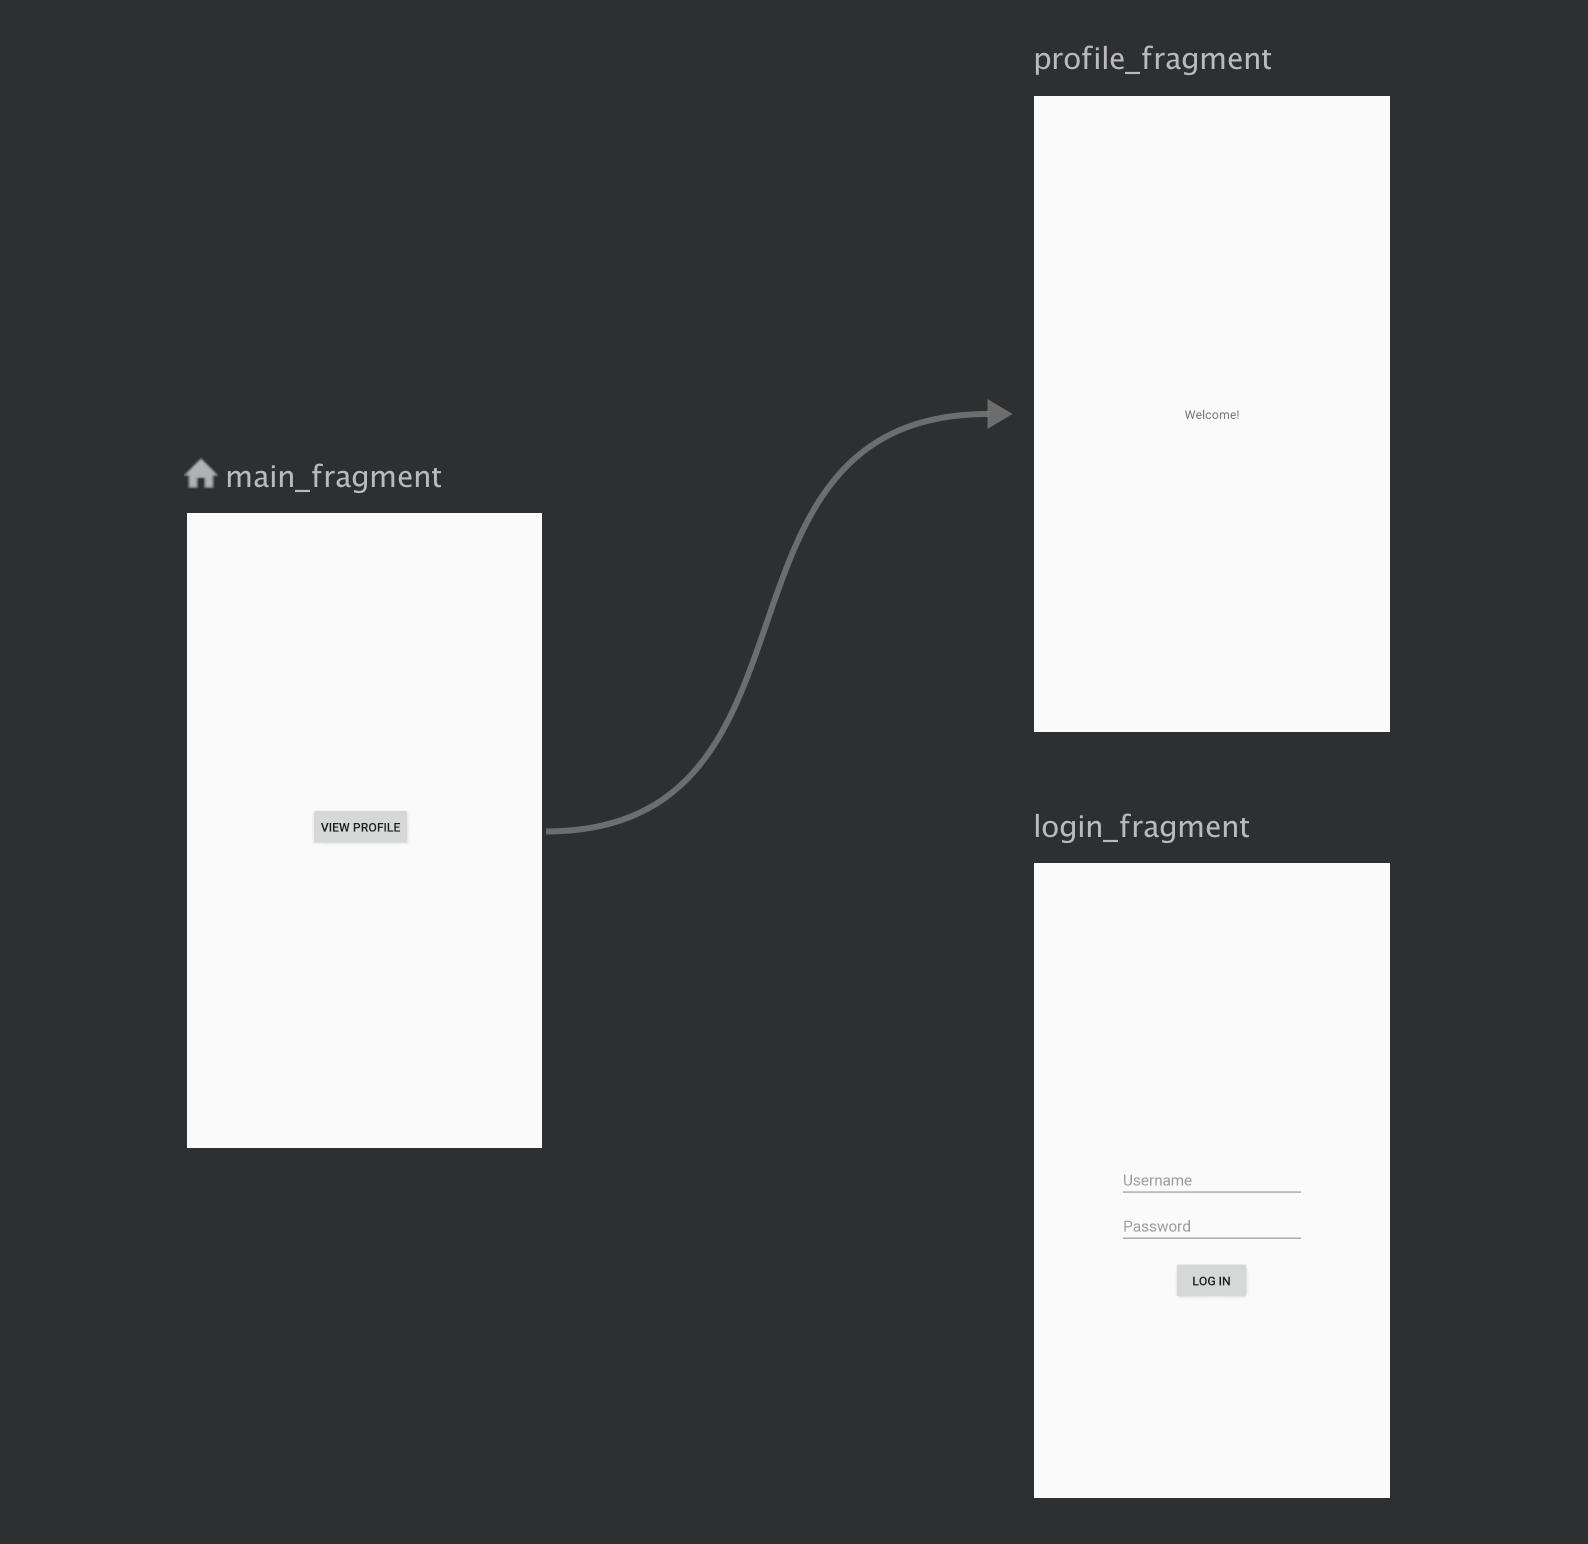 um fluxo de login é tratado independentemente do fluxo de             navegação principal do app.